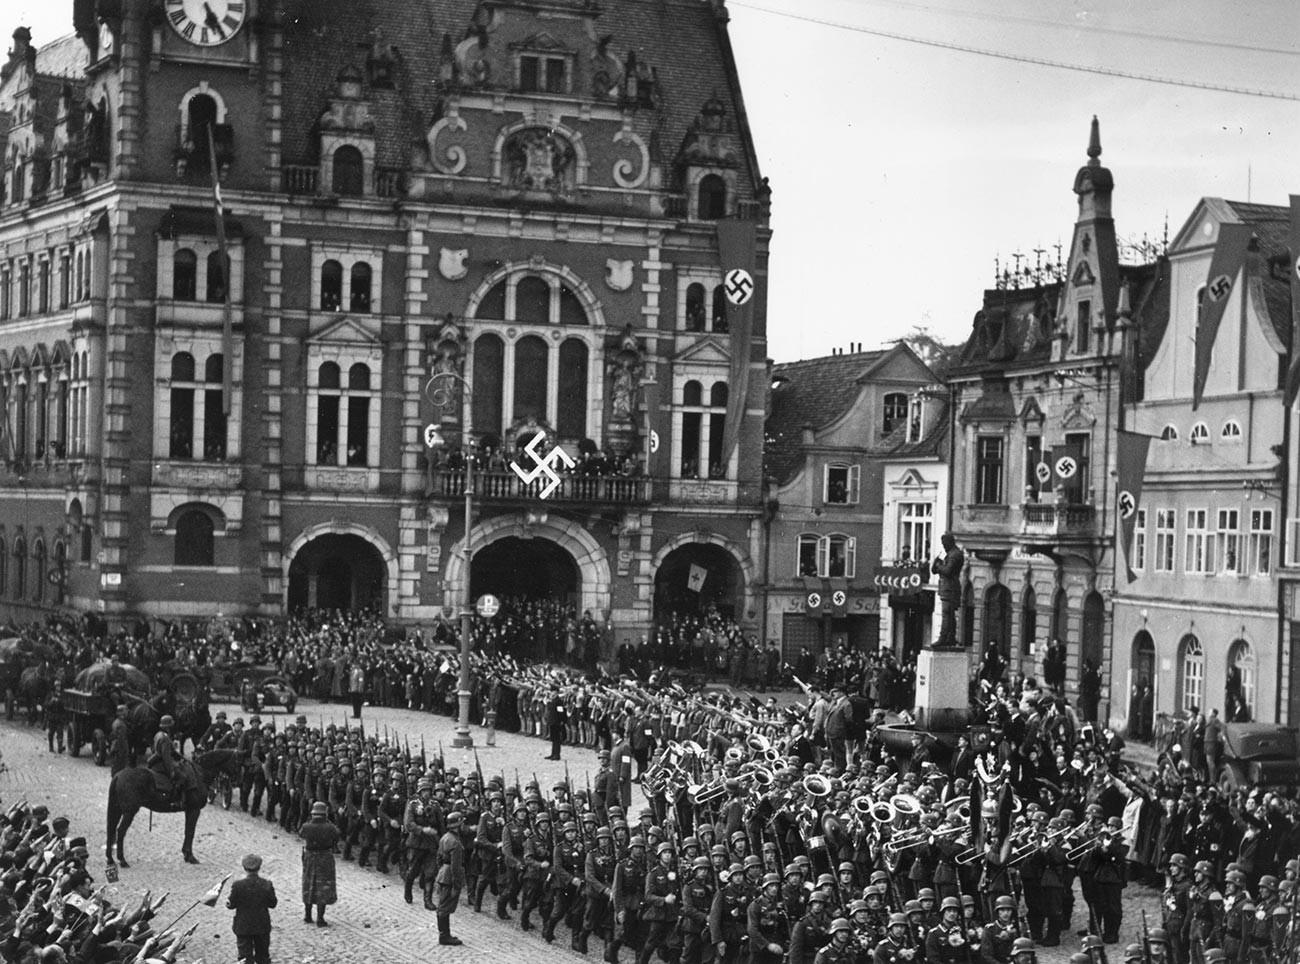 Немачке трупе марширају на територију Чехословачке.